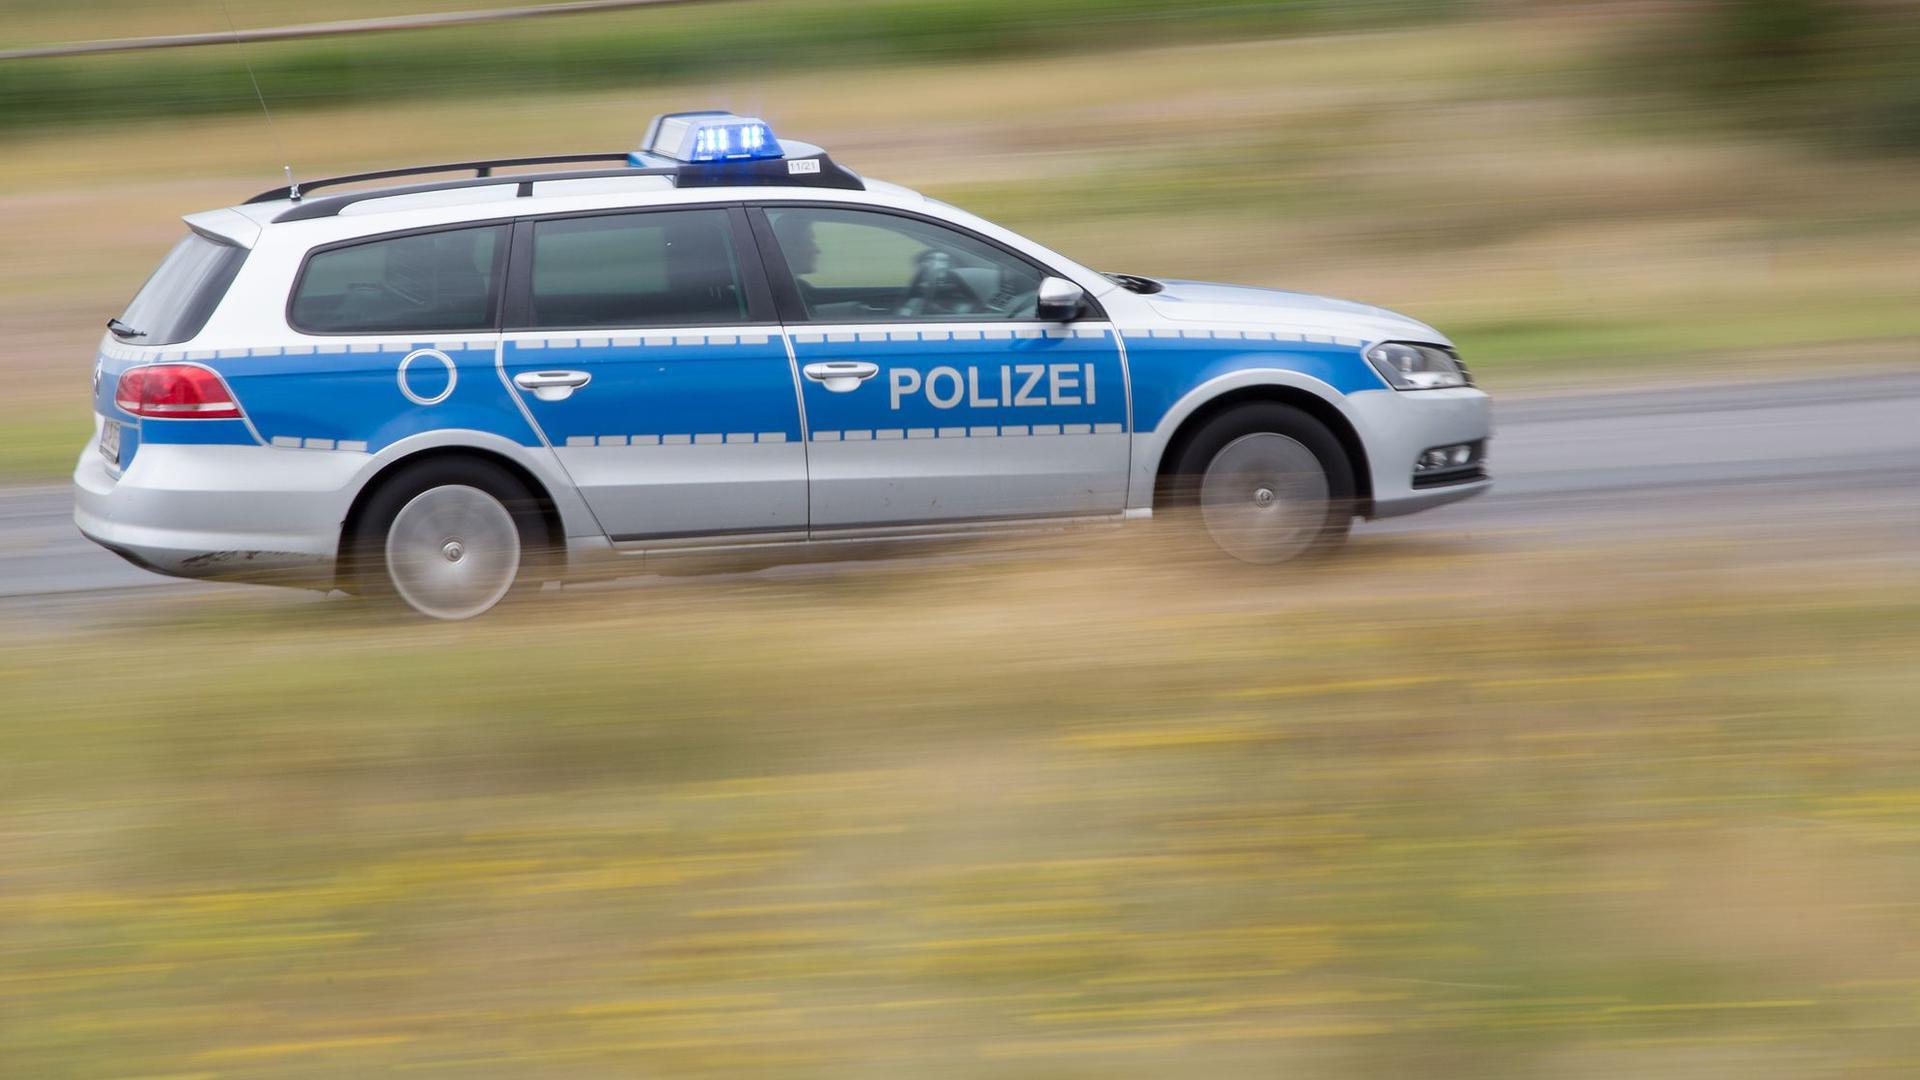 Ein Polizeifahrzeug fährt mit Blaulicht auf der Landstraße.